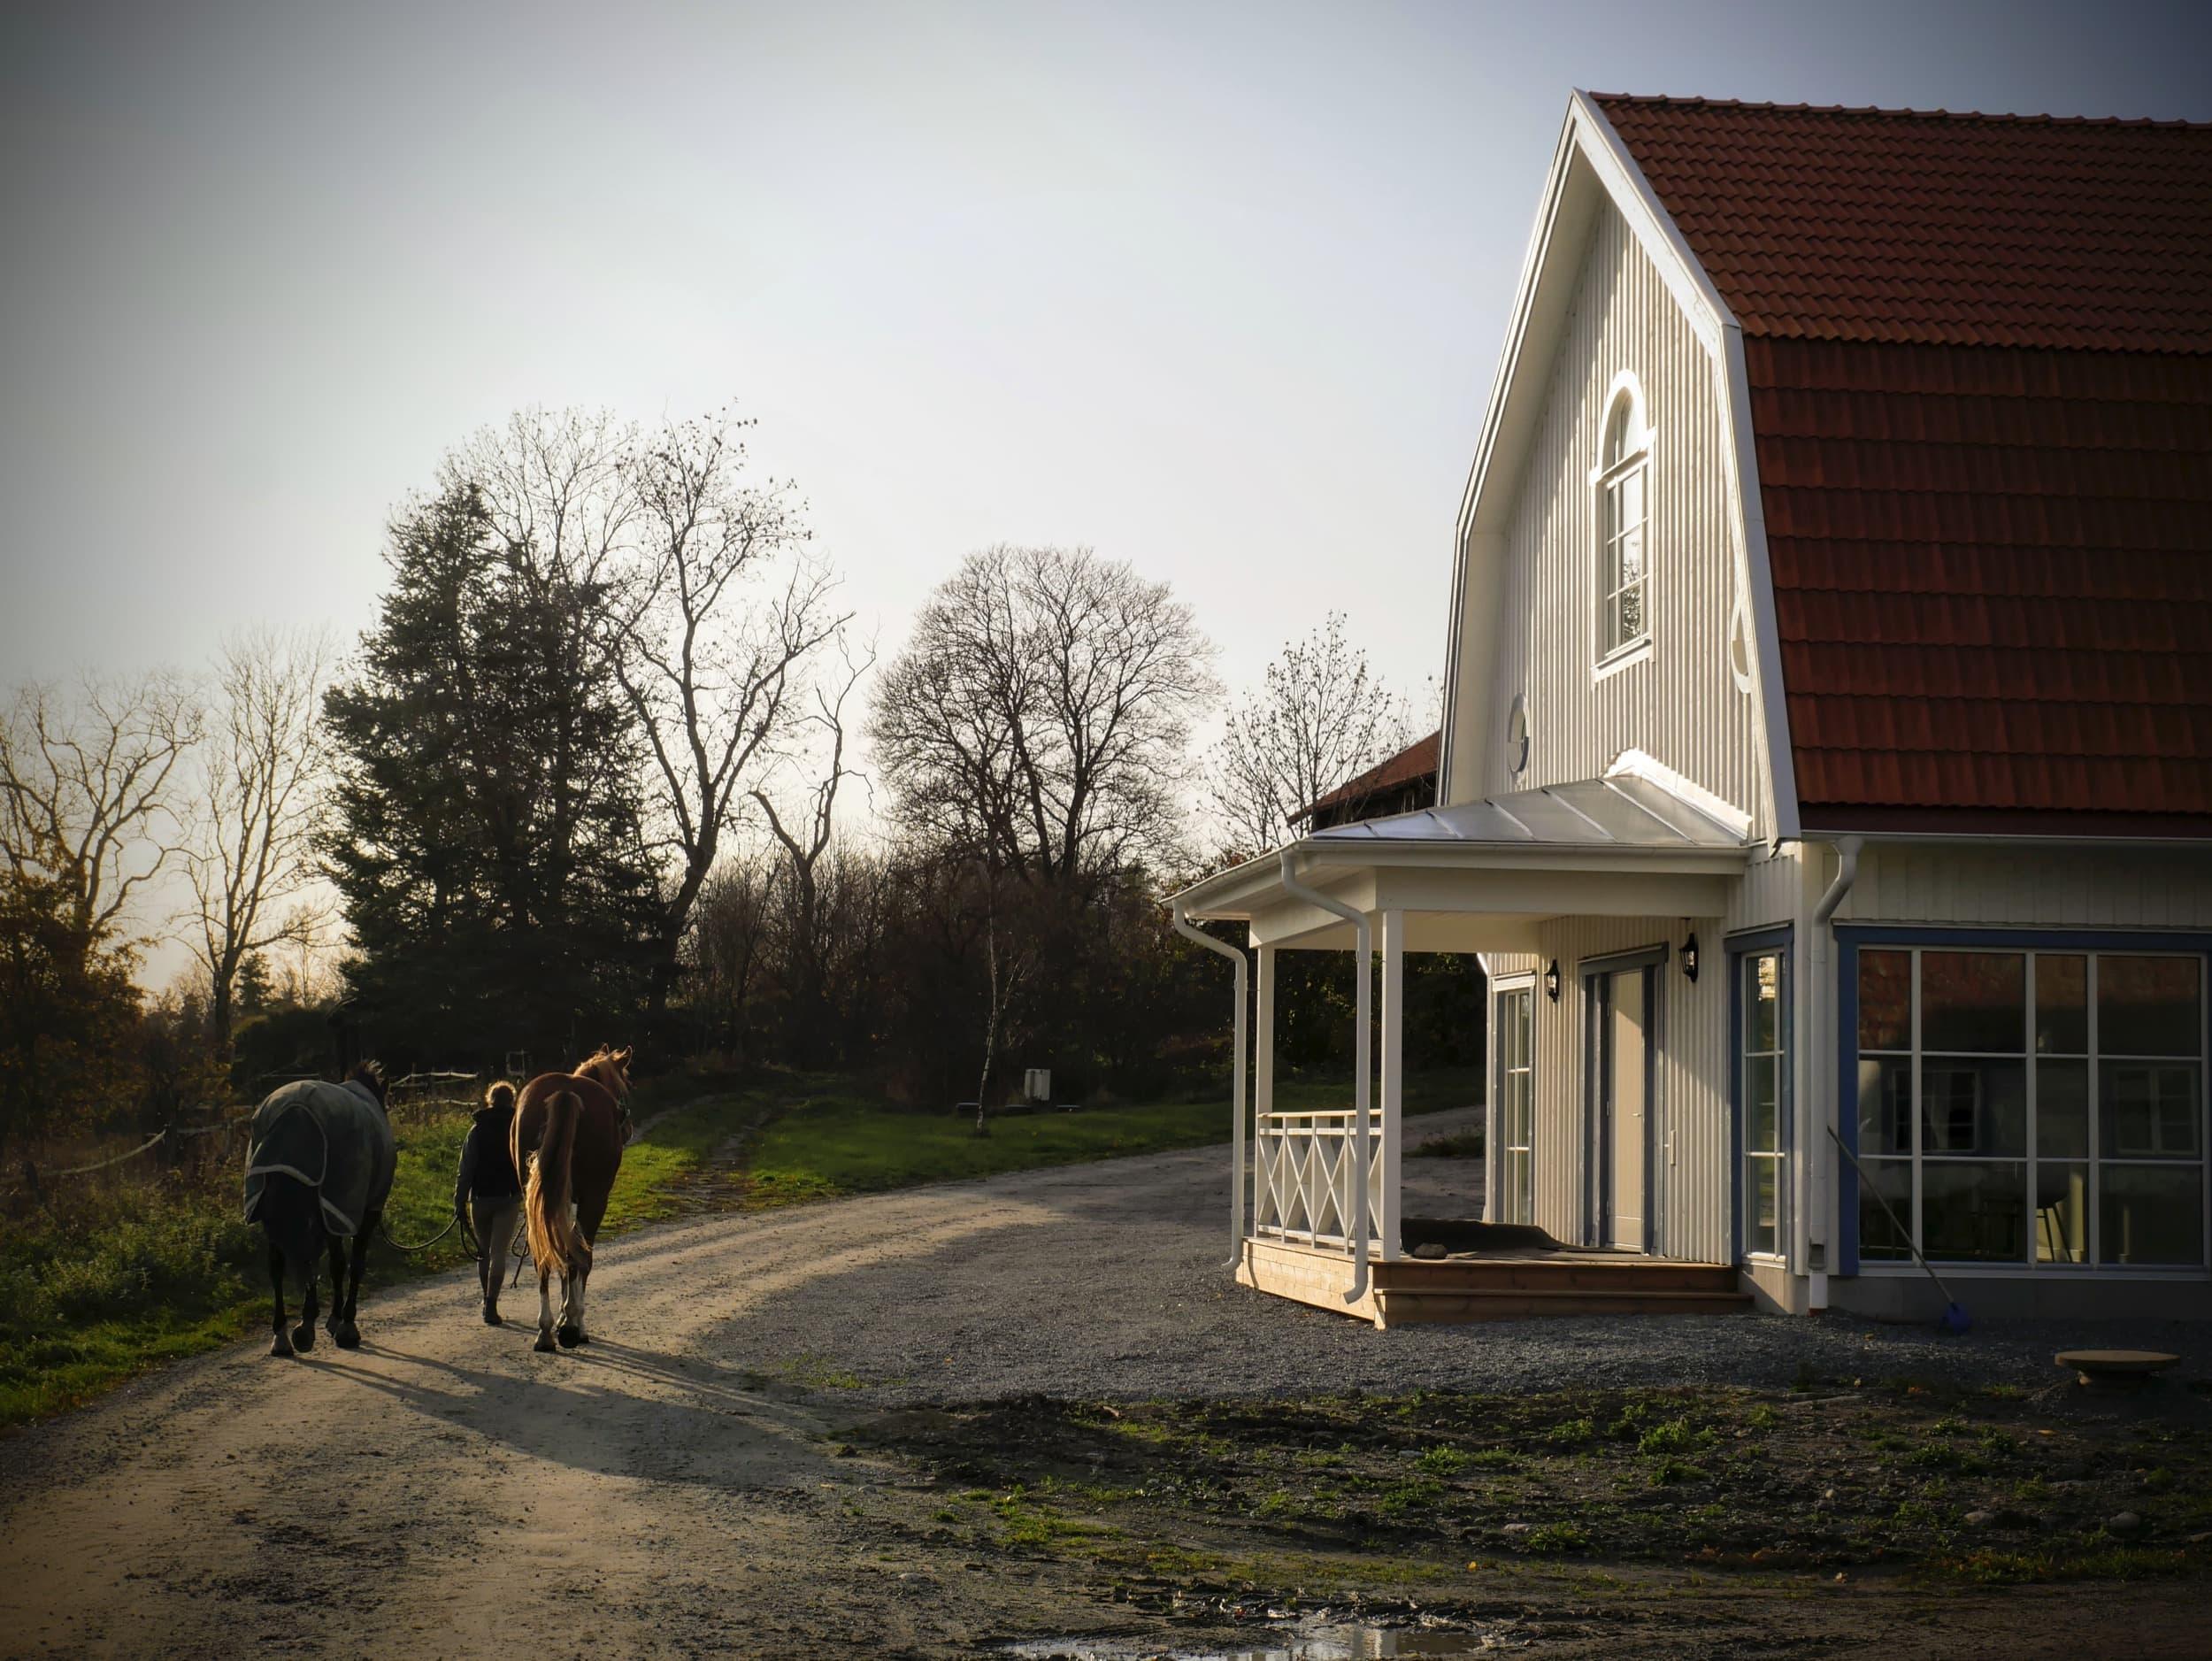 Horse passes Jädra farm hotel